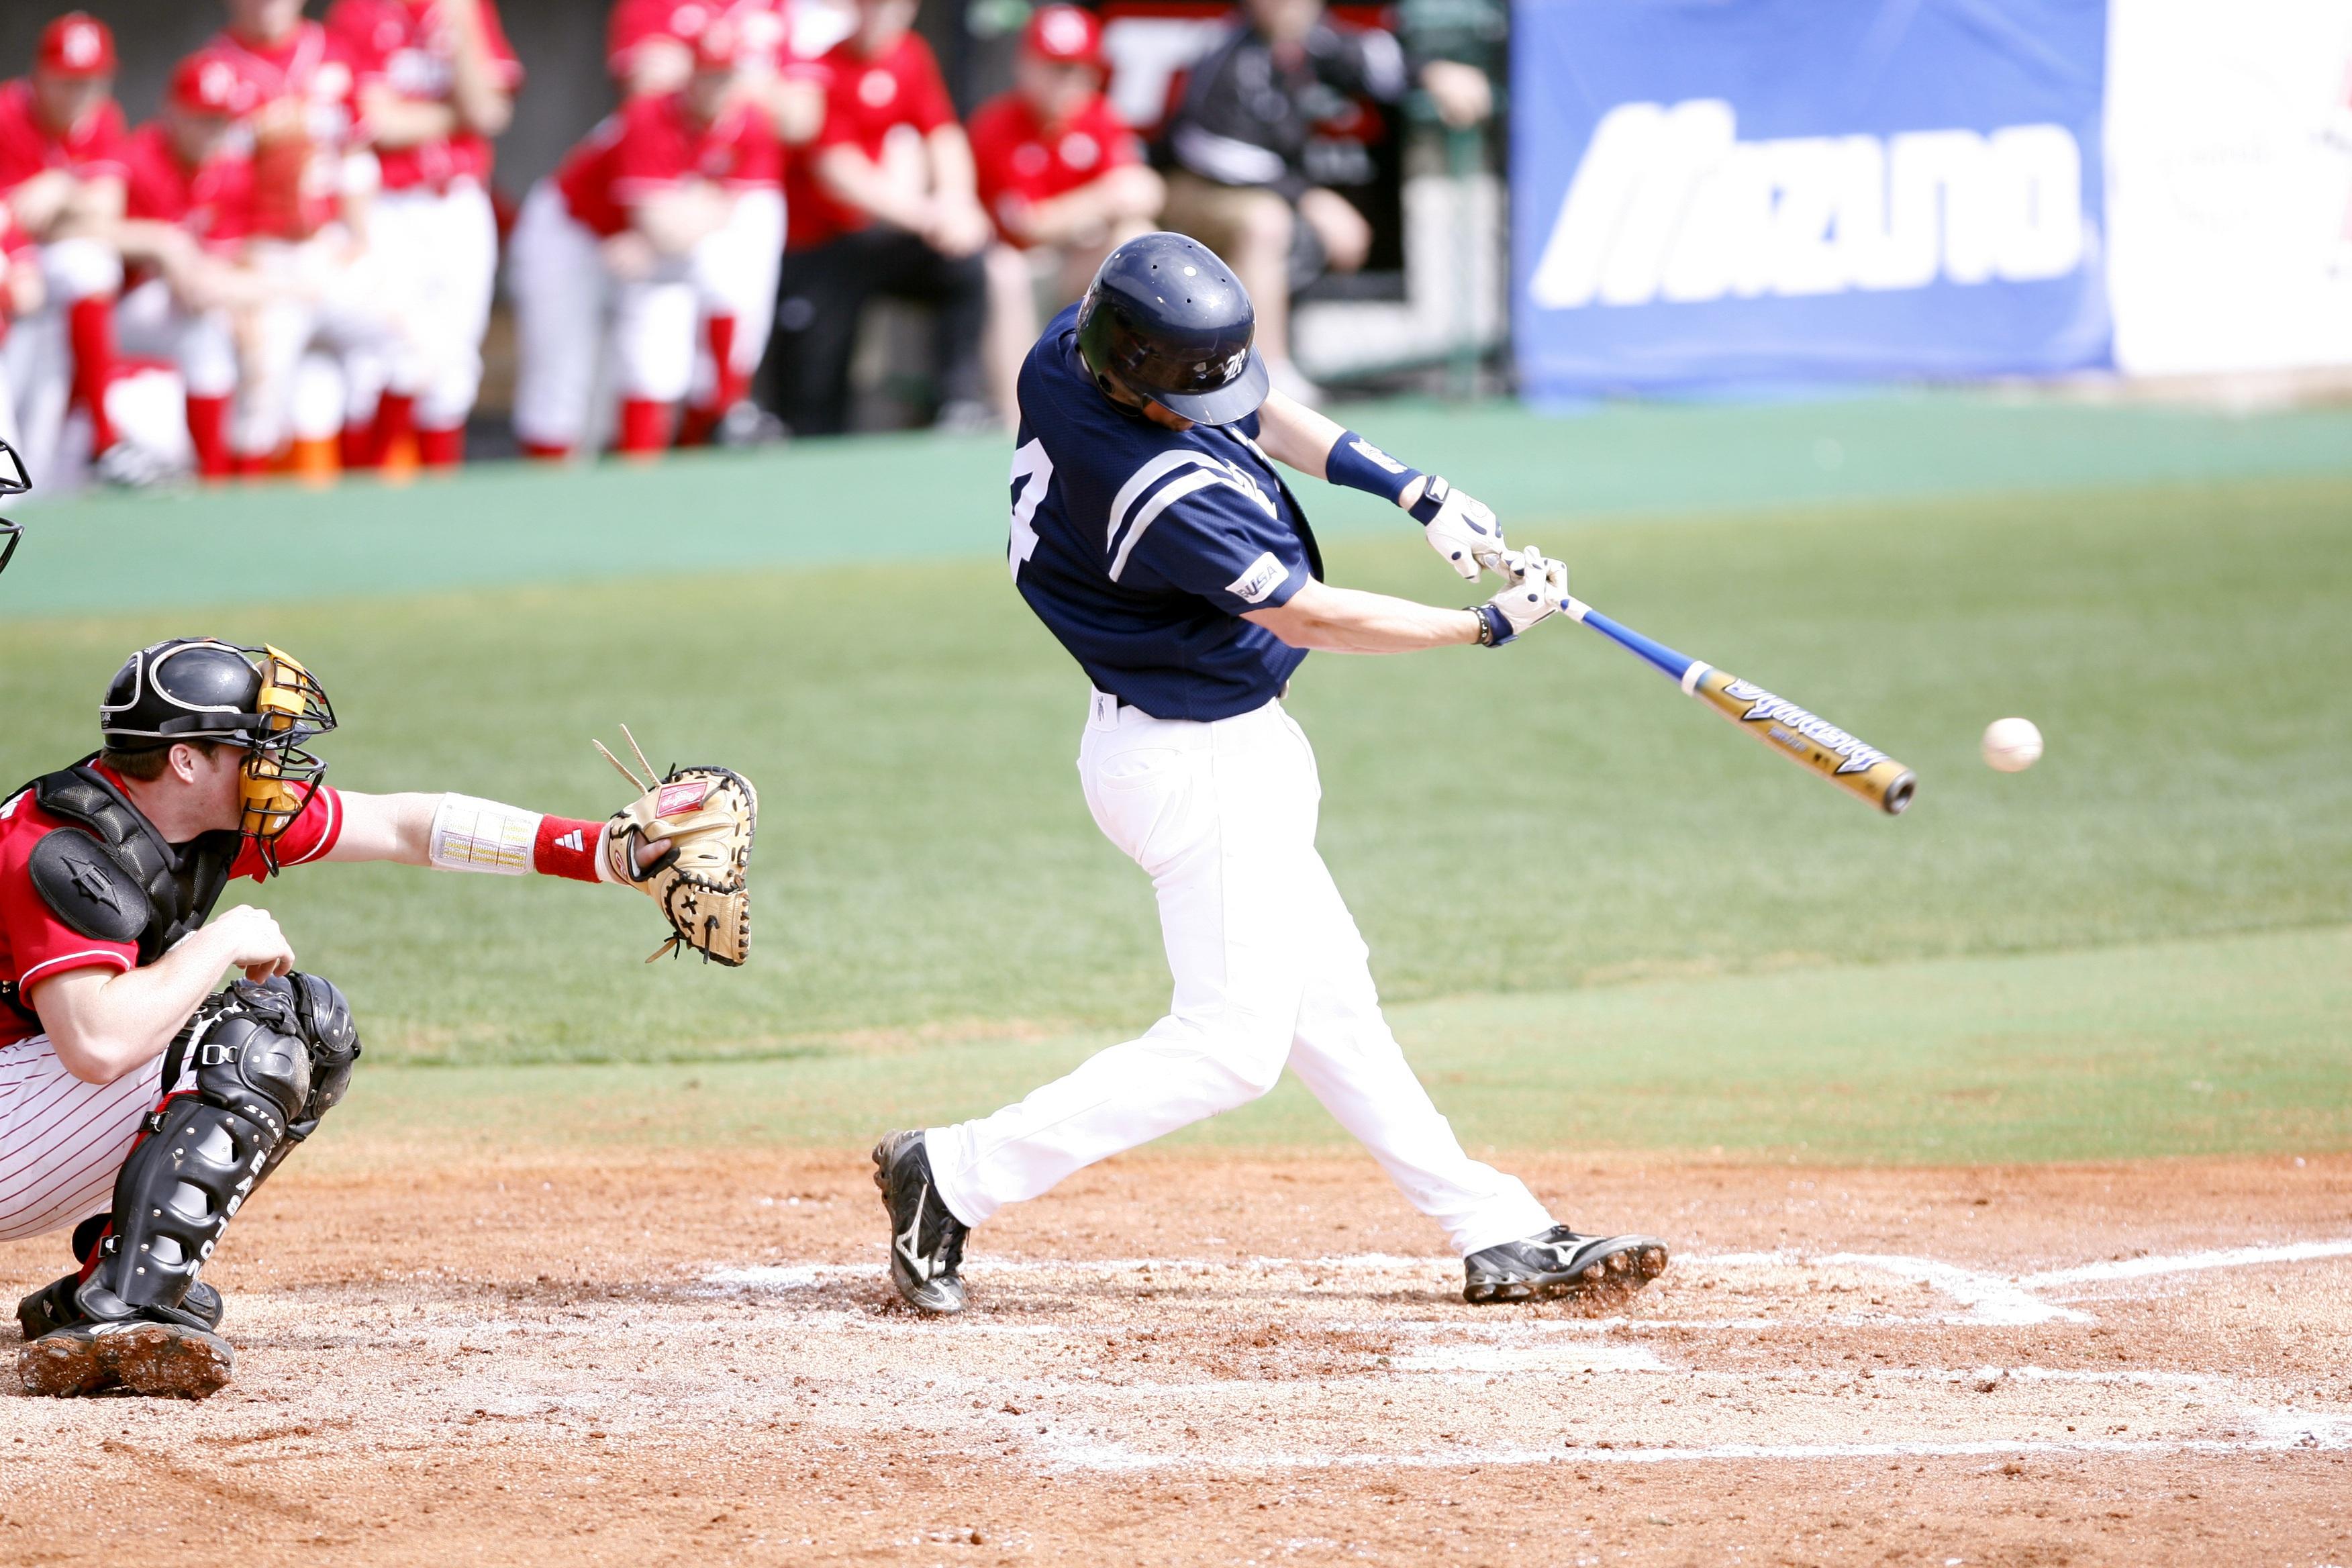 the game of baseball